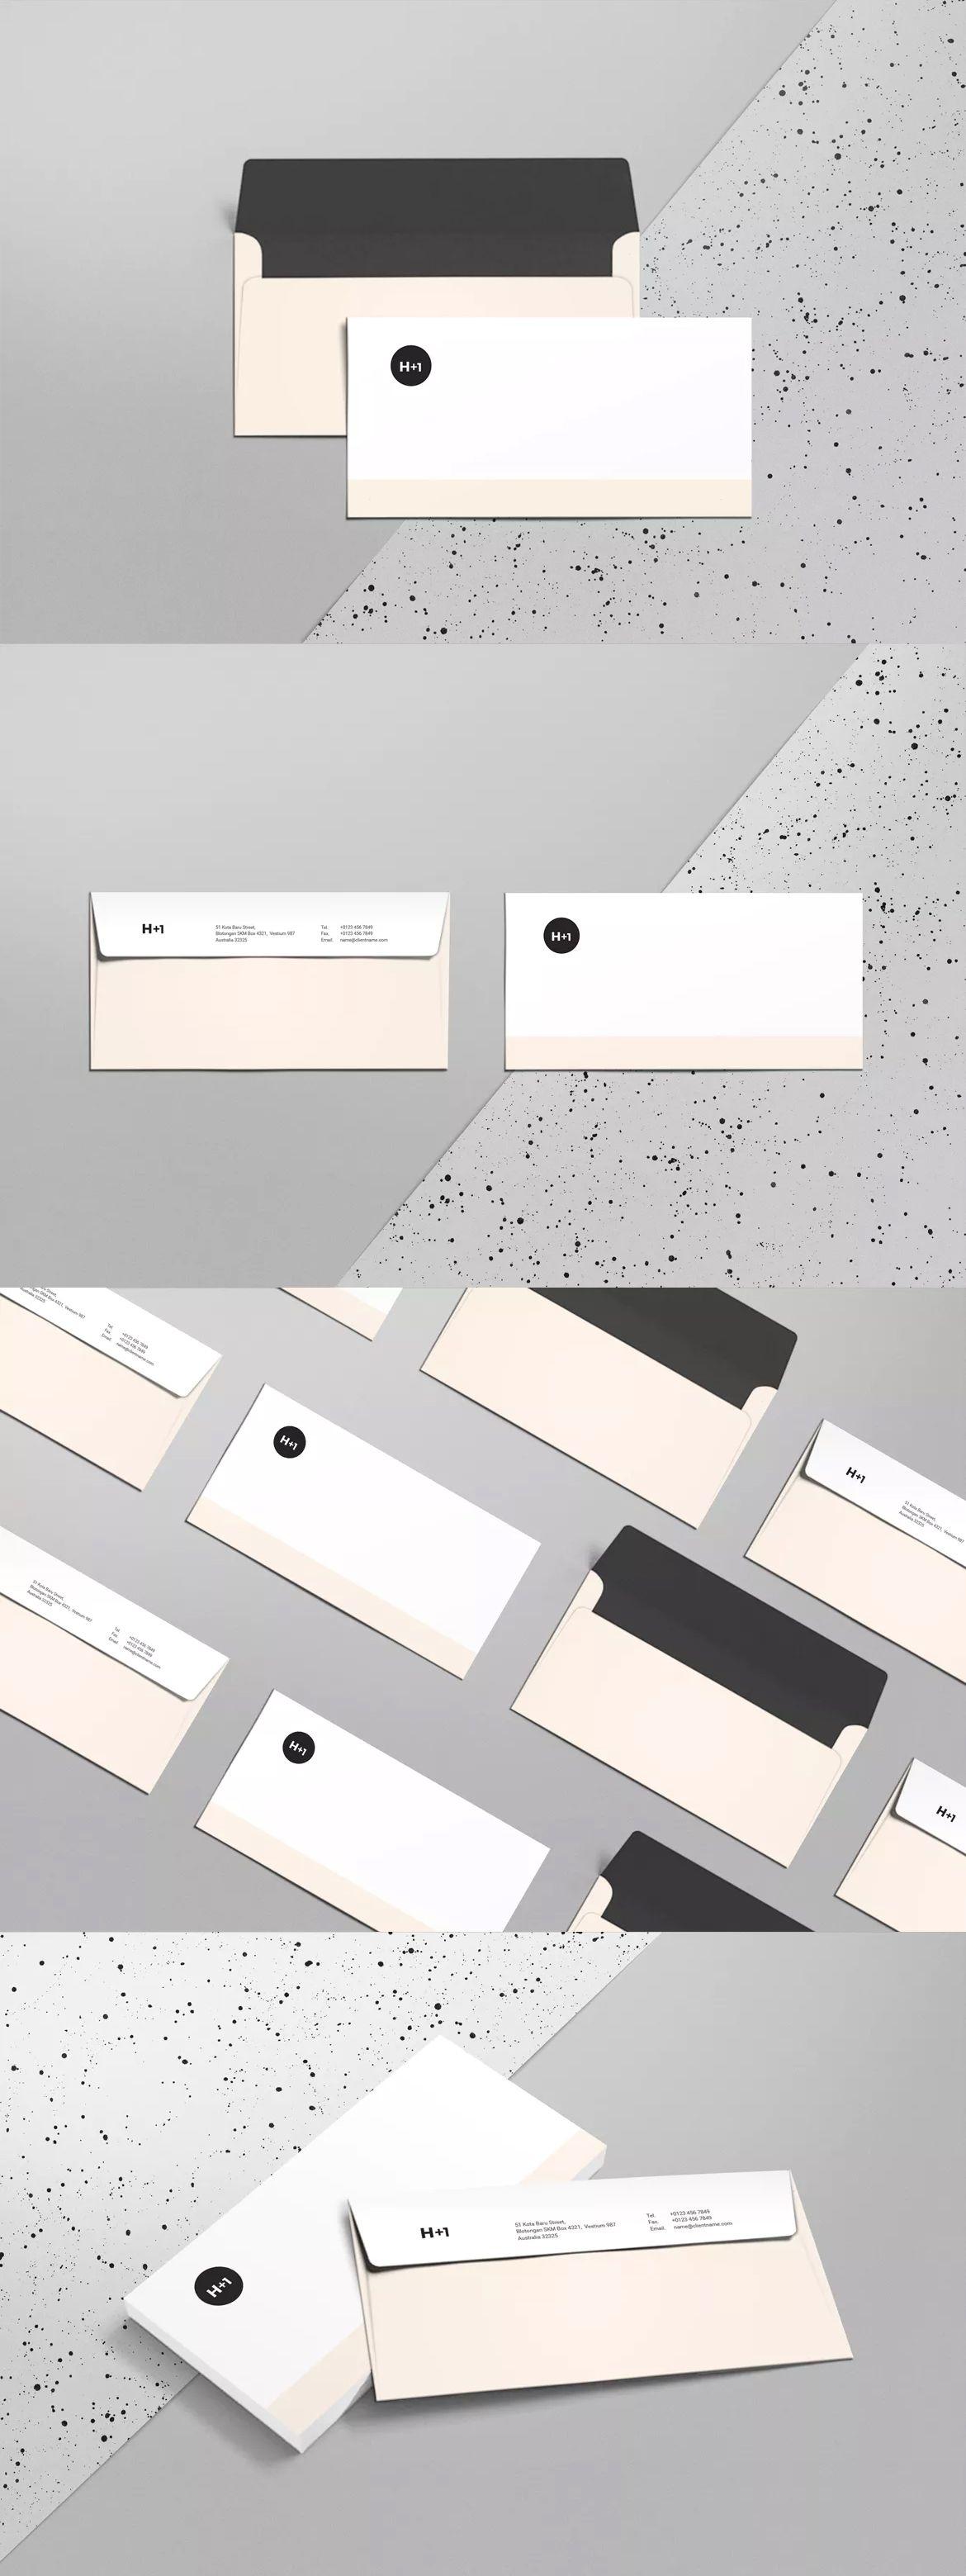 DL Envelope Template InDesign INDD | Envelope Templates | Pinterest ...